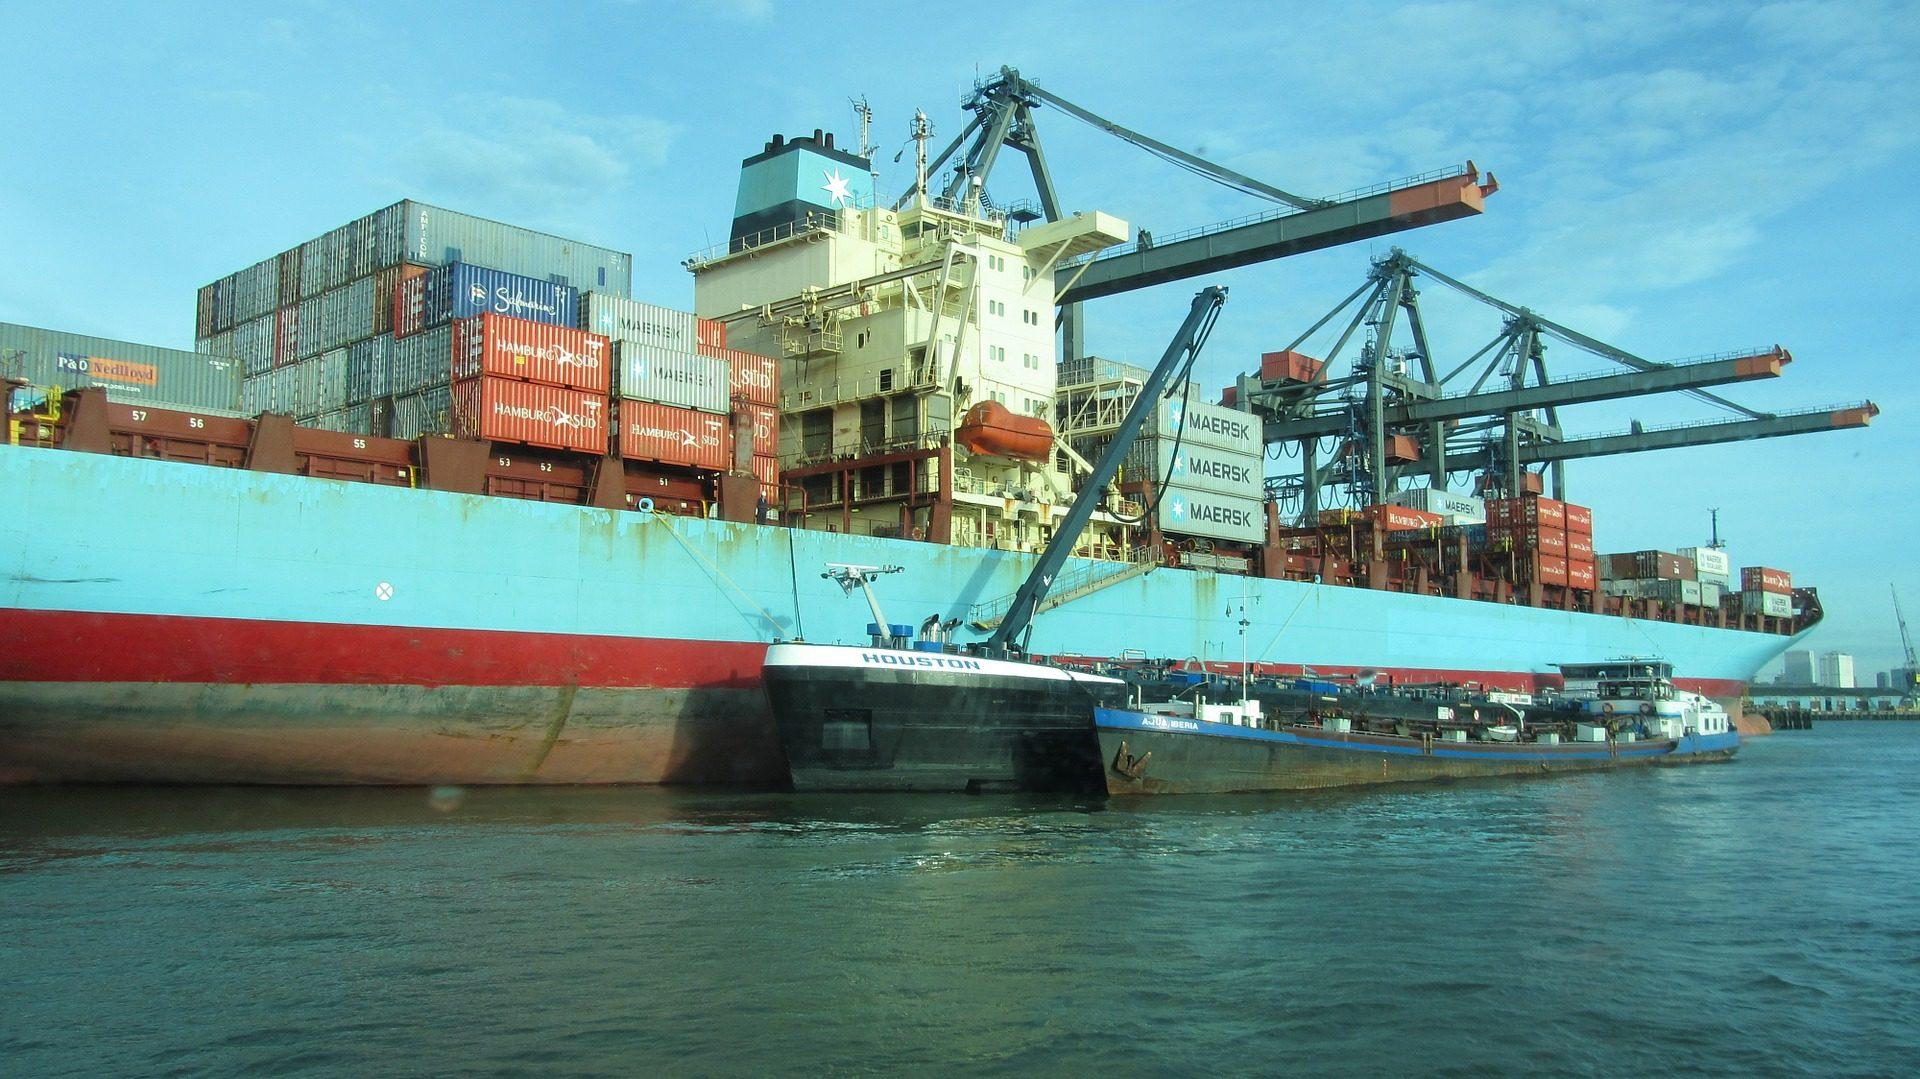 barco, cargueiro, recipientes, guindastes, expedições - Papéis de parede HD - Professor-falken.com